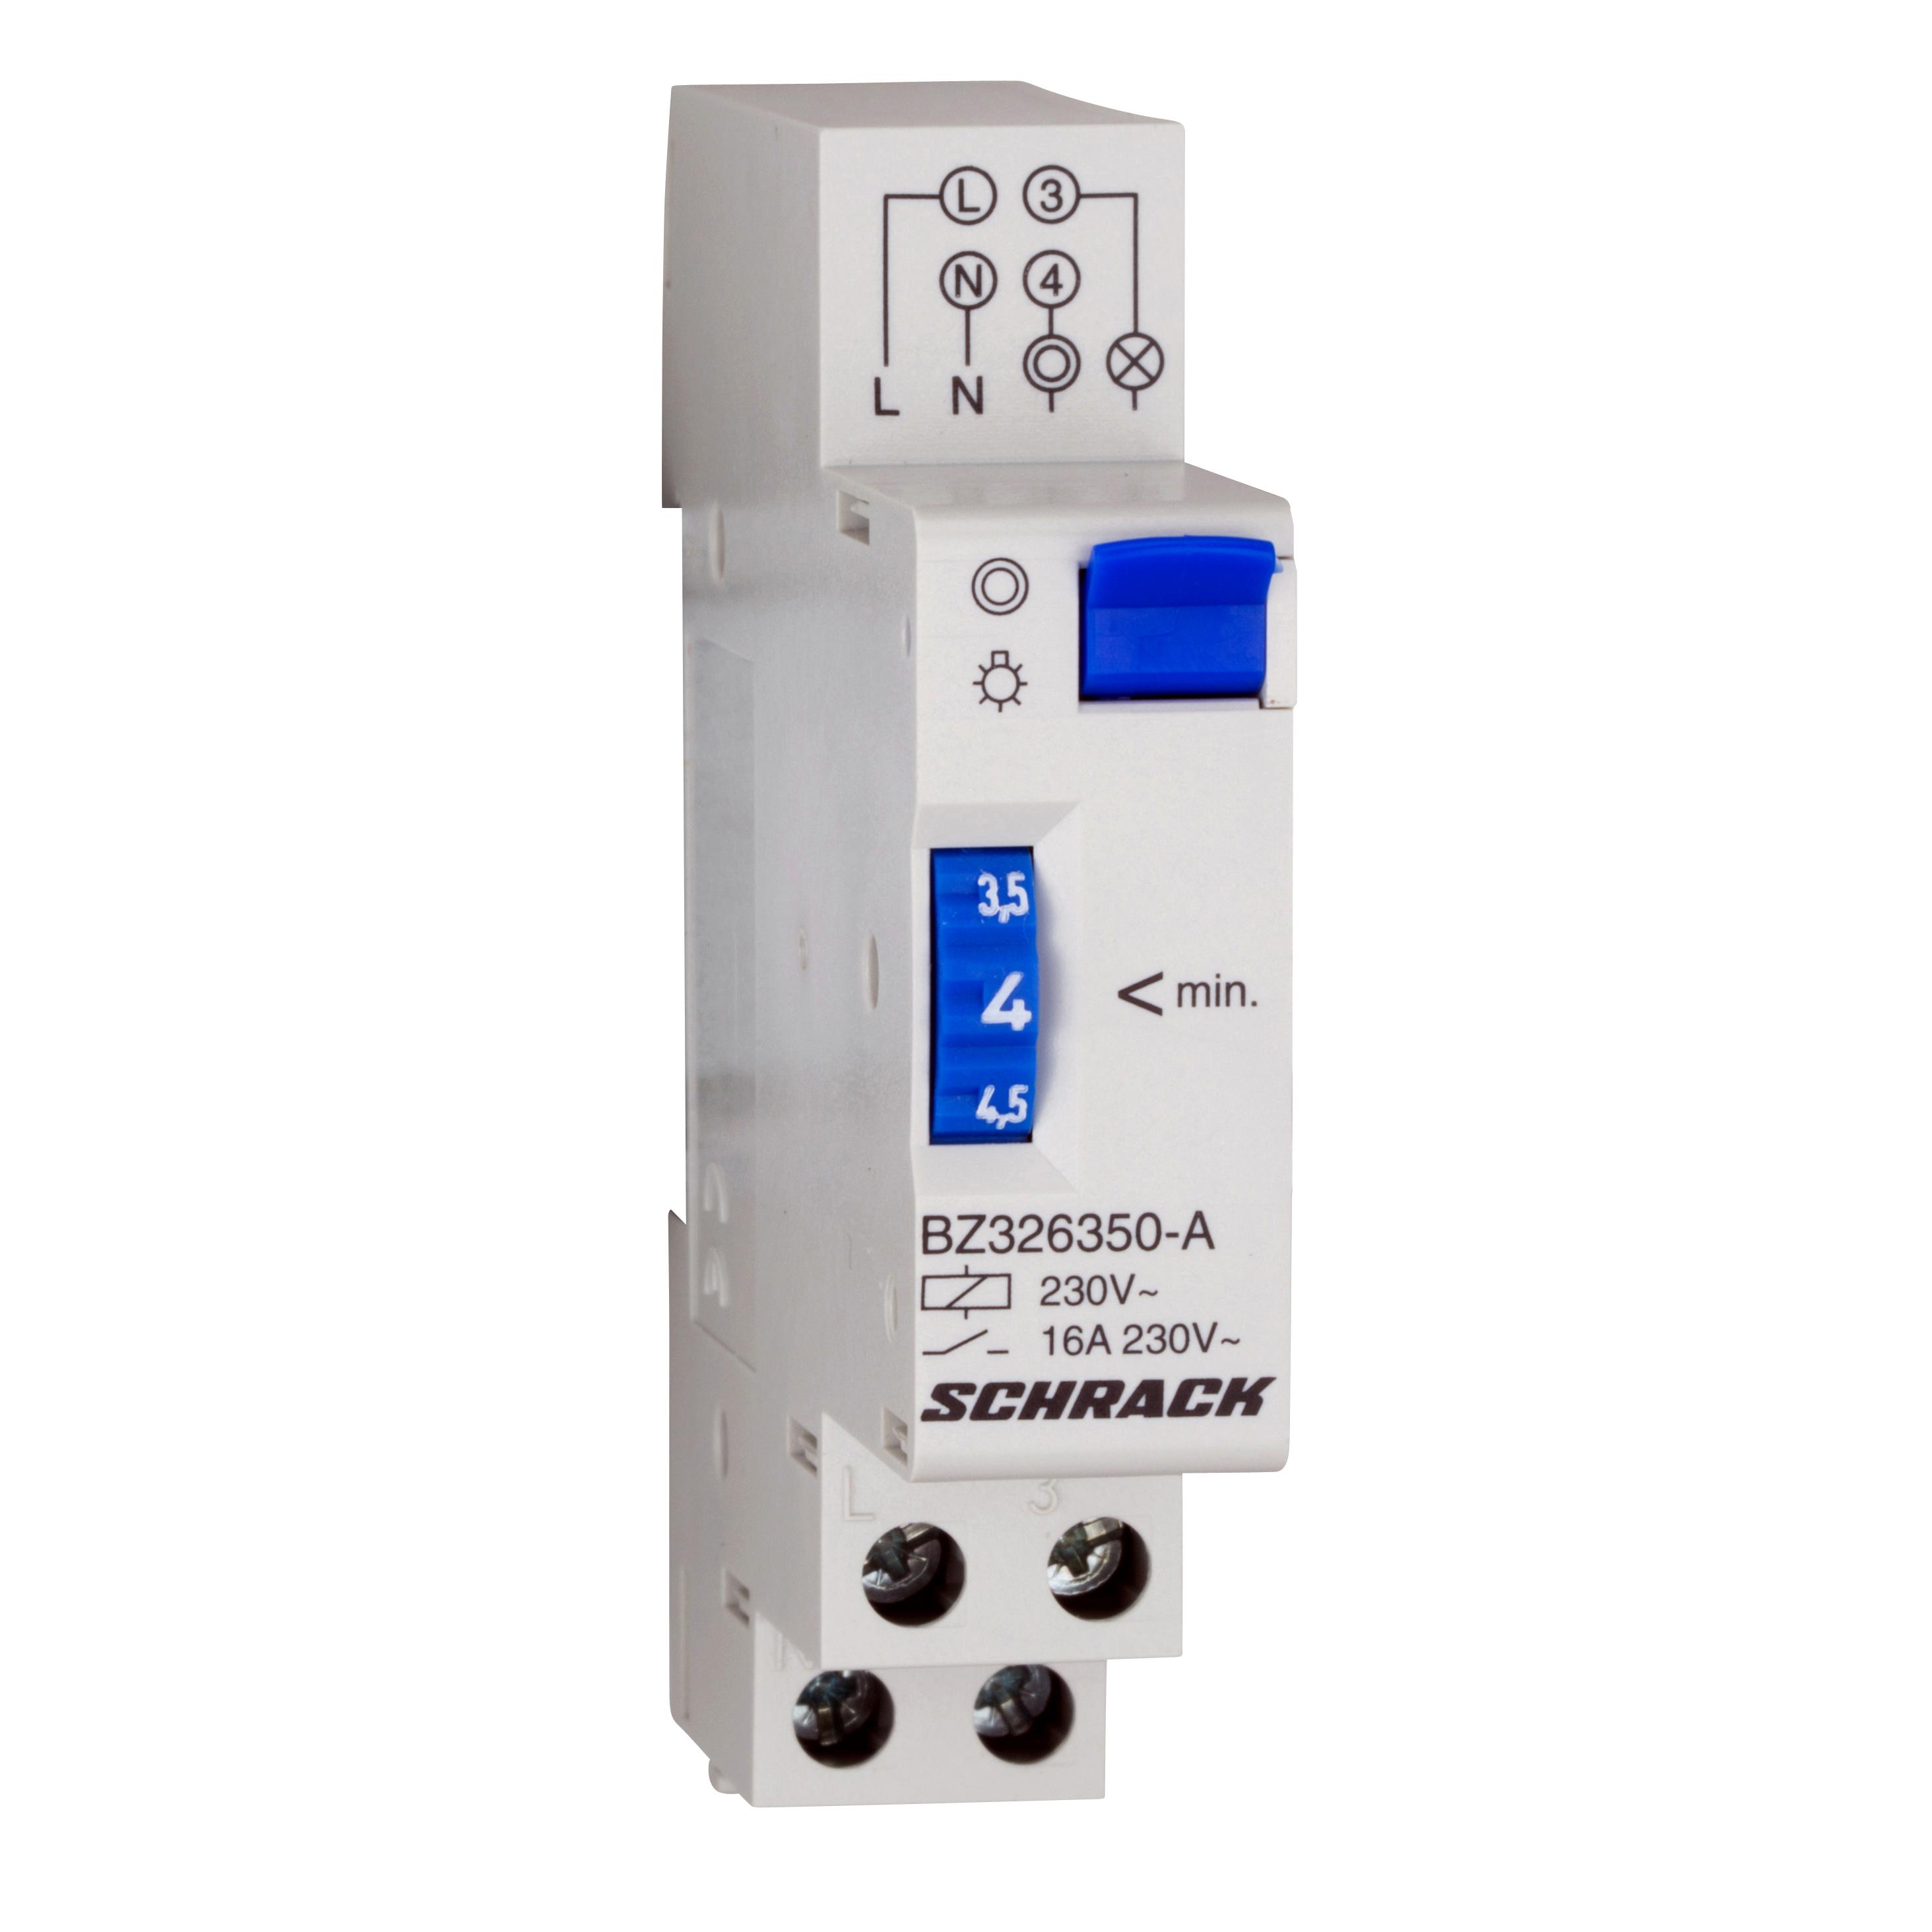 1 Stk Treppenlichtautomat, mechanisch, 1-7min BZ326350-A